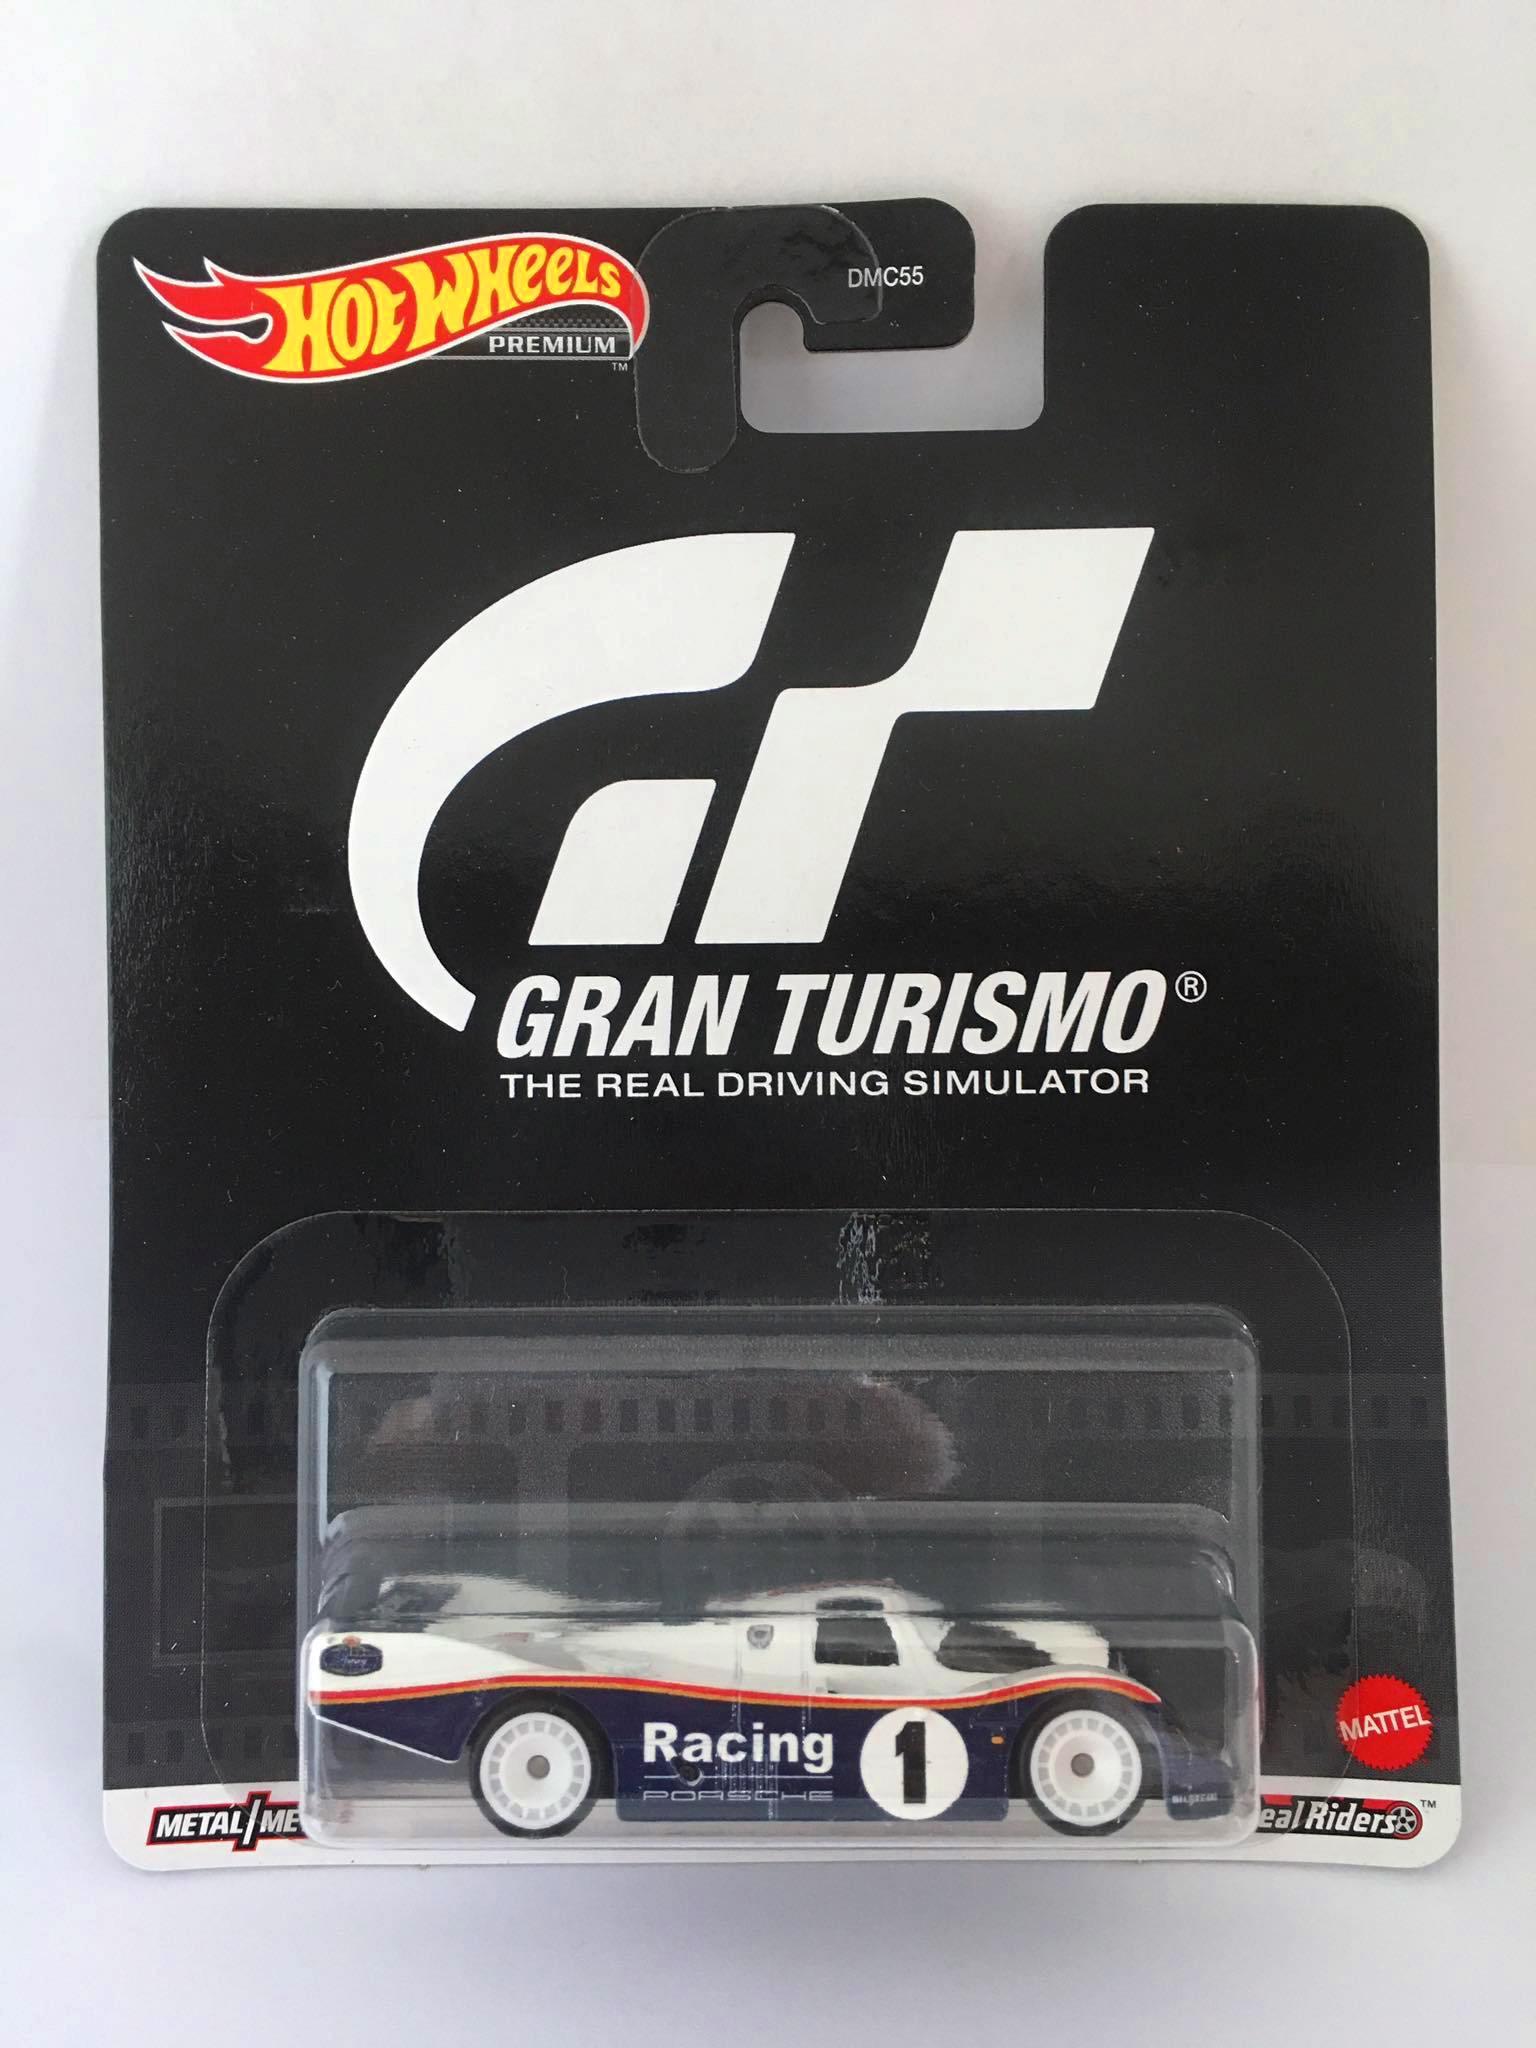 Hot Wheels - Porche 962 Azul/Branco - Gran Turismo - Retro Mix T